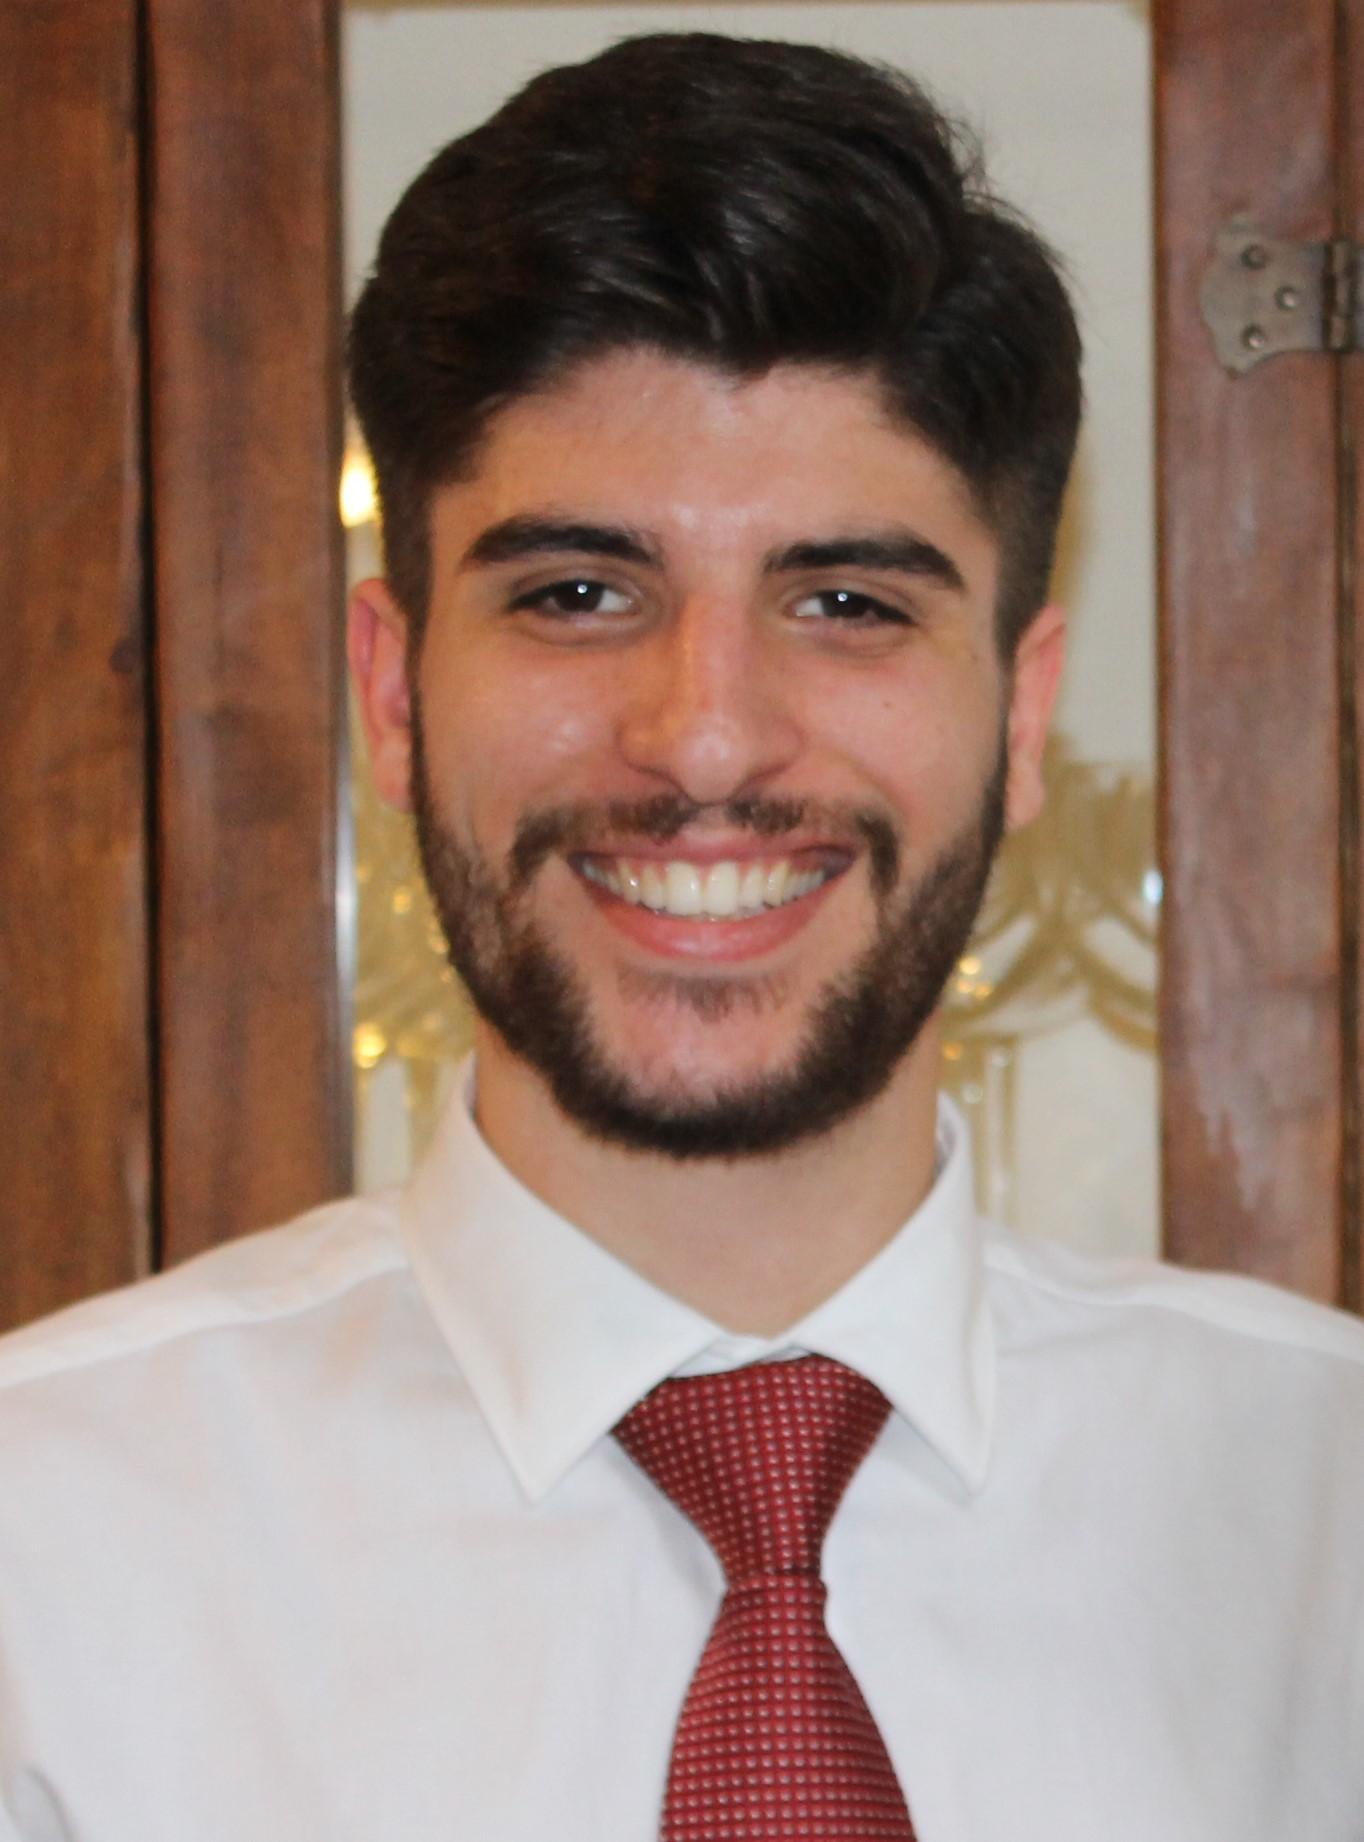 Luigi Piero Piccolo